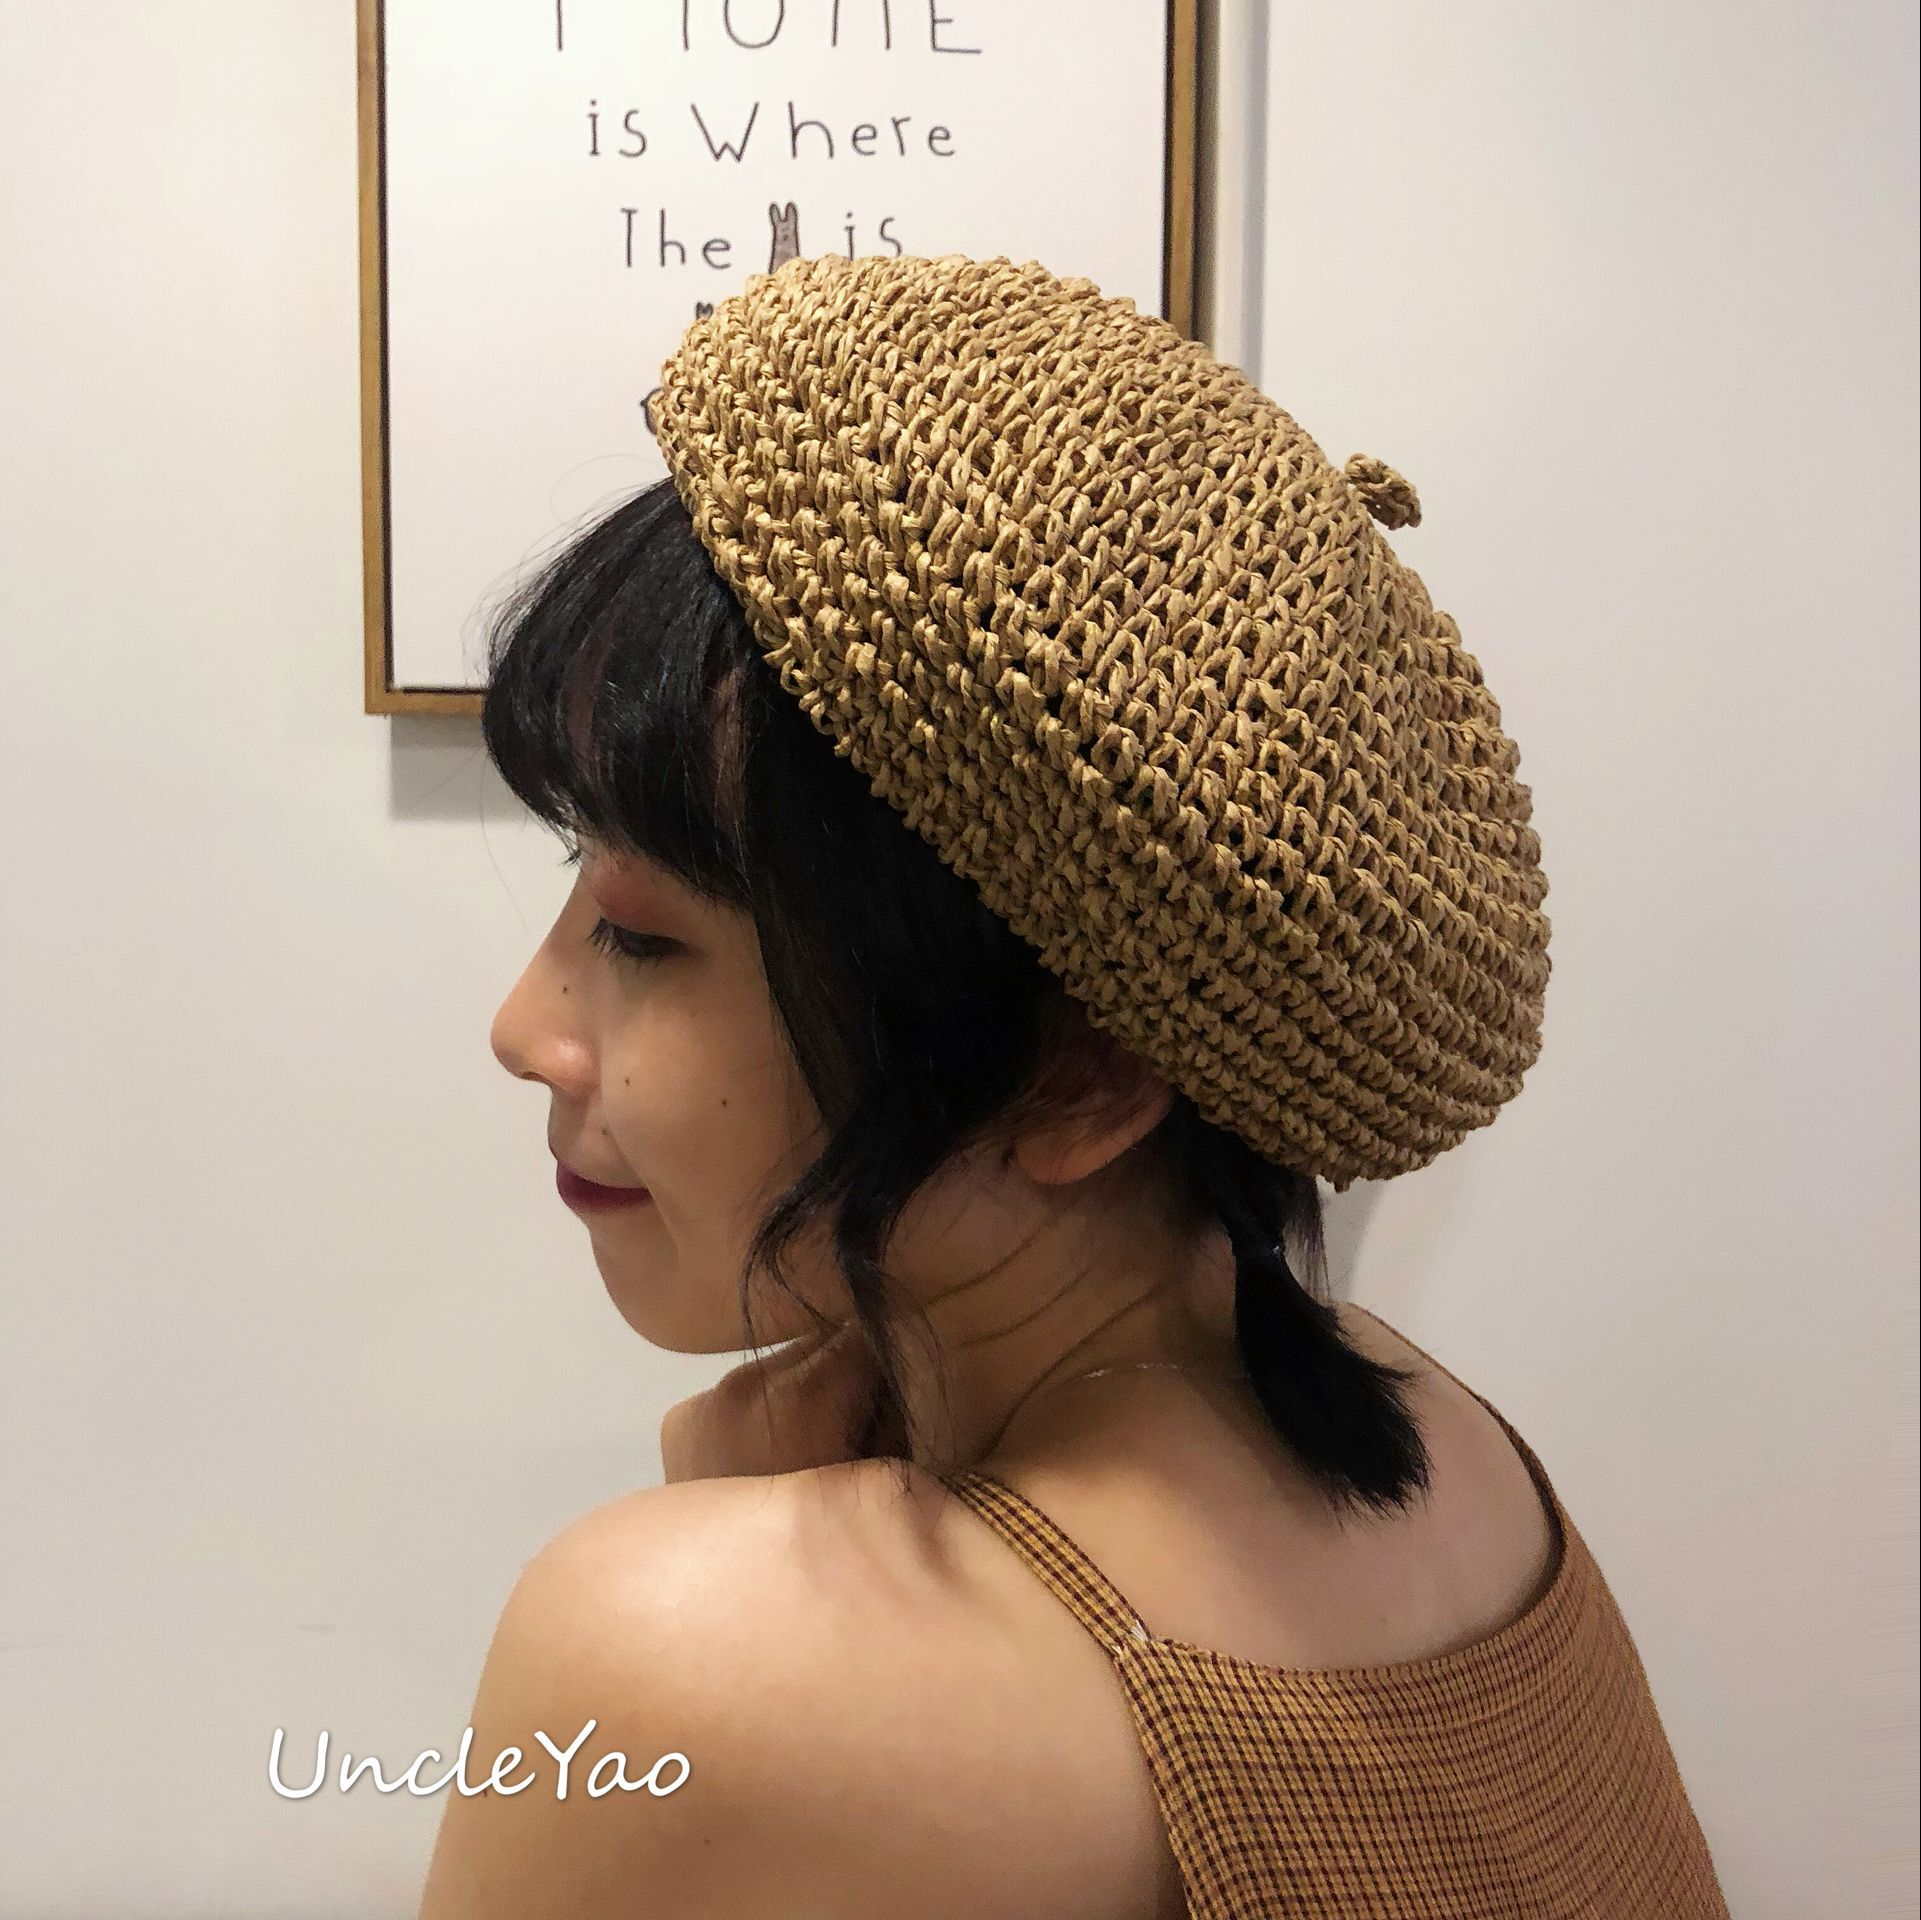 帽子与服装如何搭配才好看:帽子搭配男